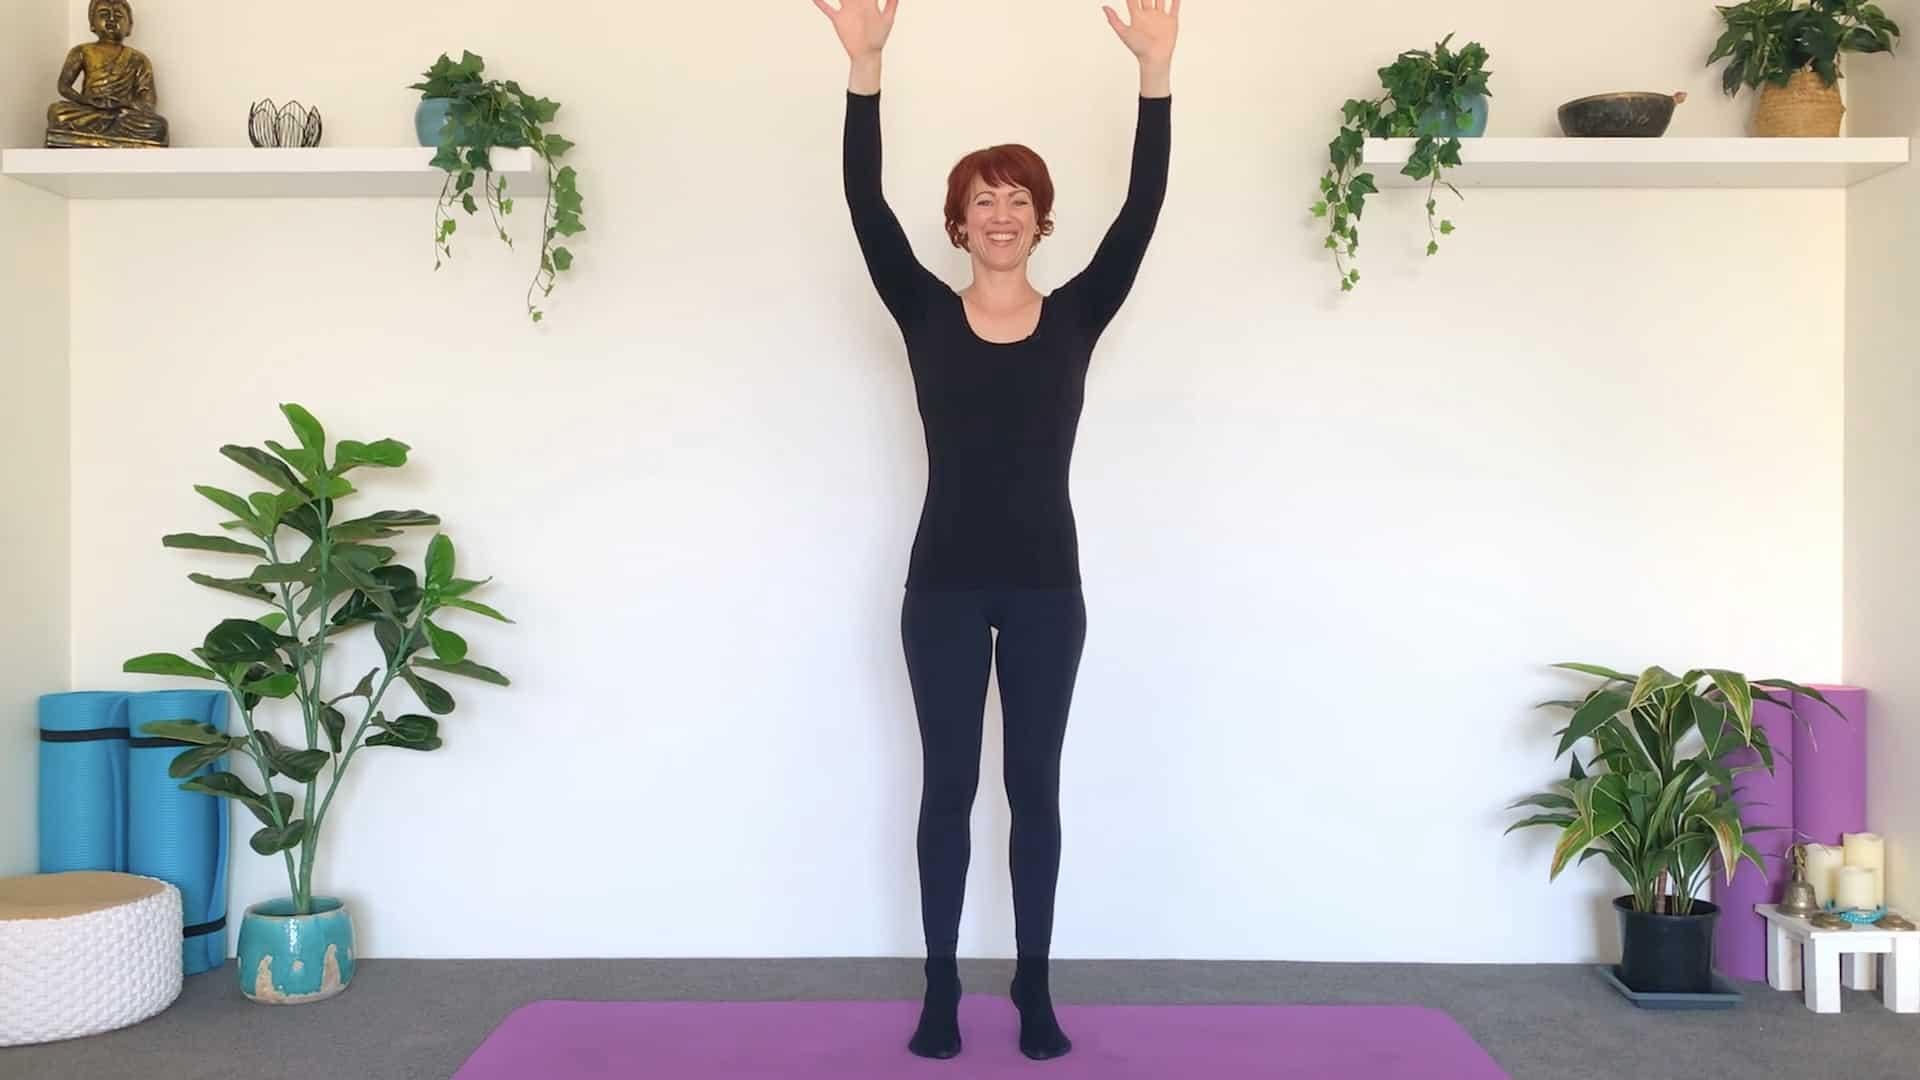 Balancing Heel Lifts